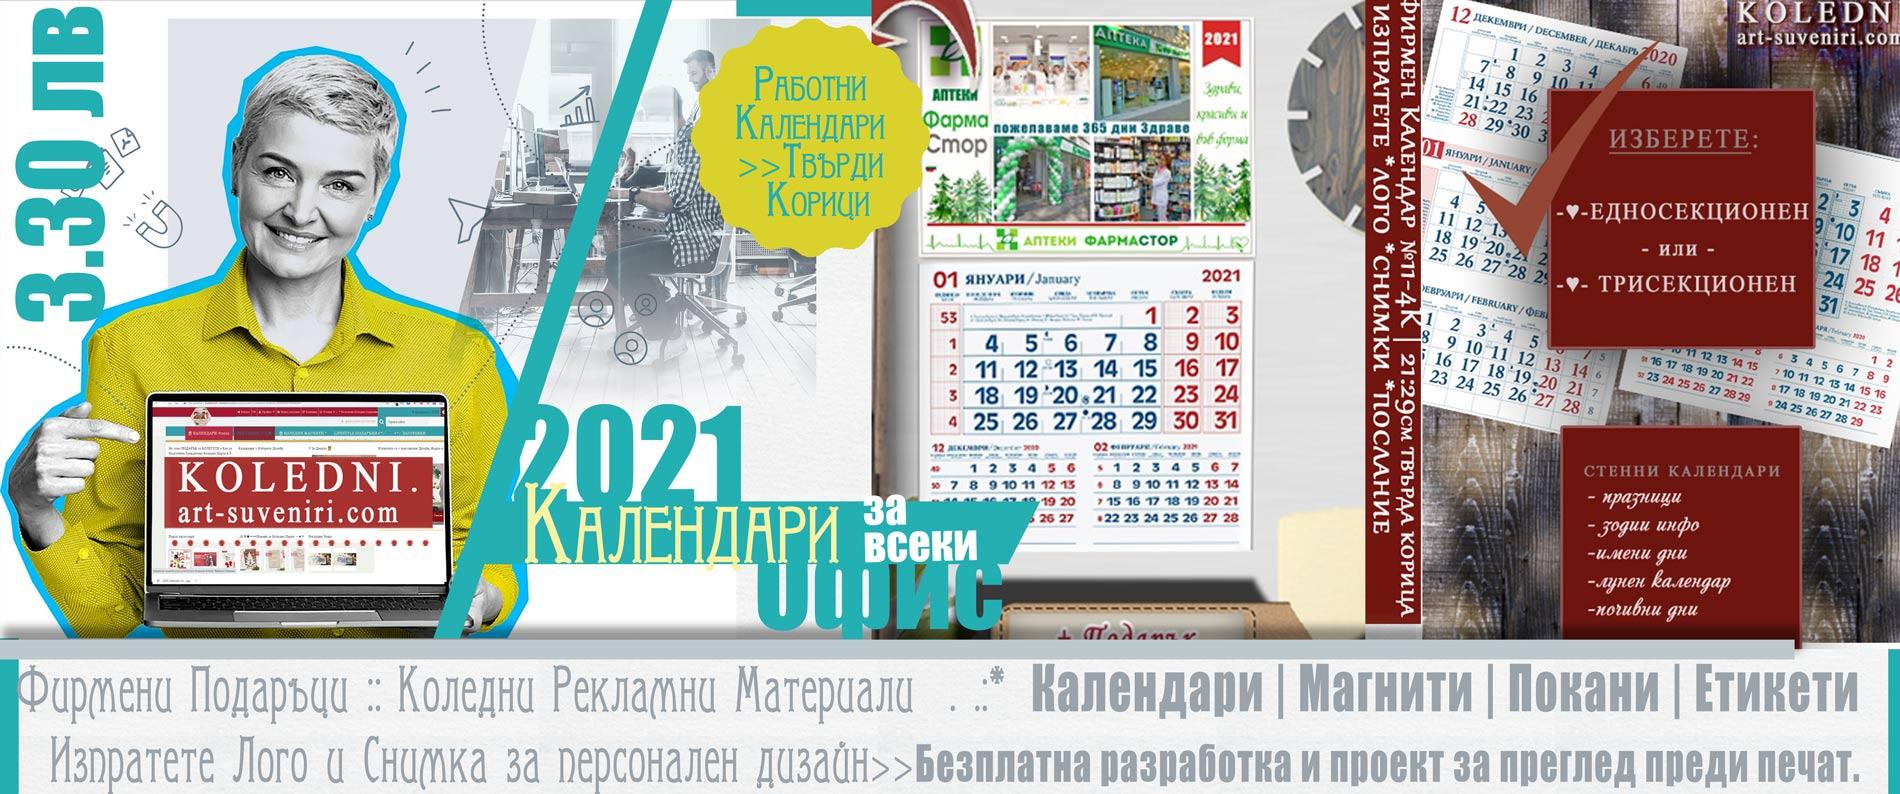 Фирмени Календари 2021, поръчай календари за офис, работни календари.